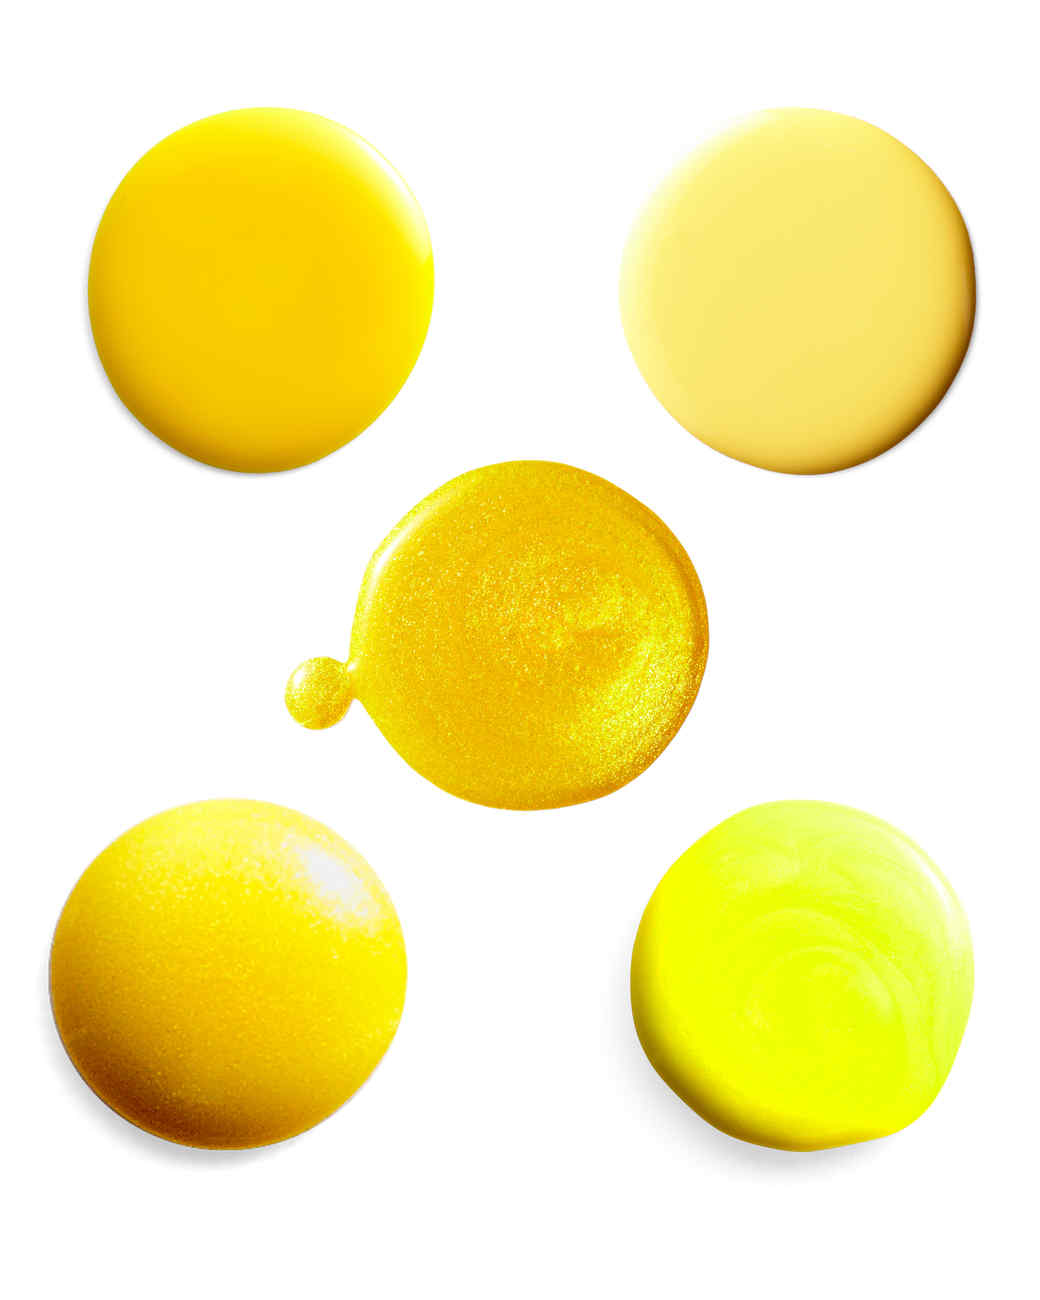 nail-polish-yellows-msl0612.jpg